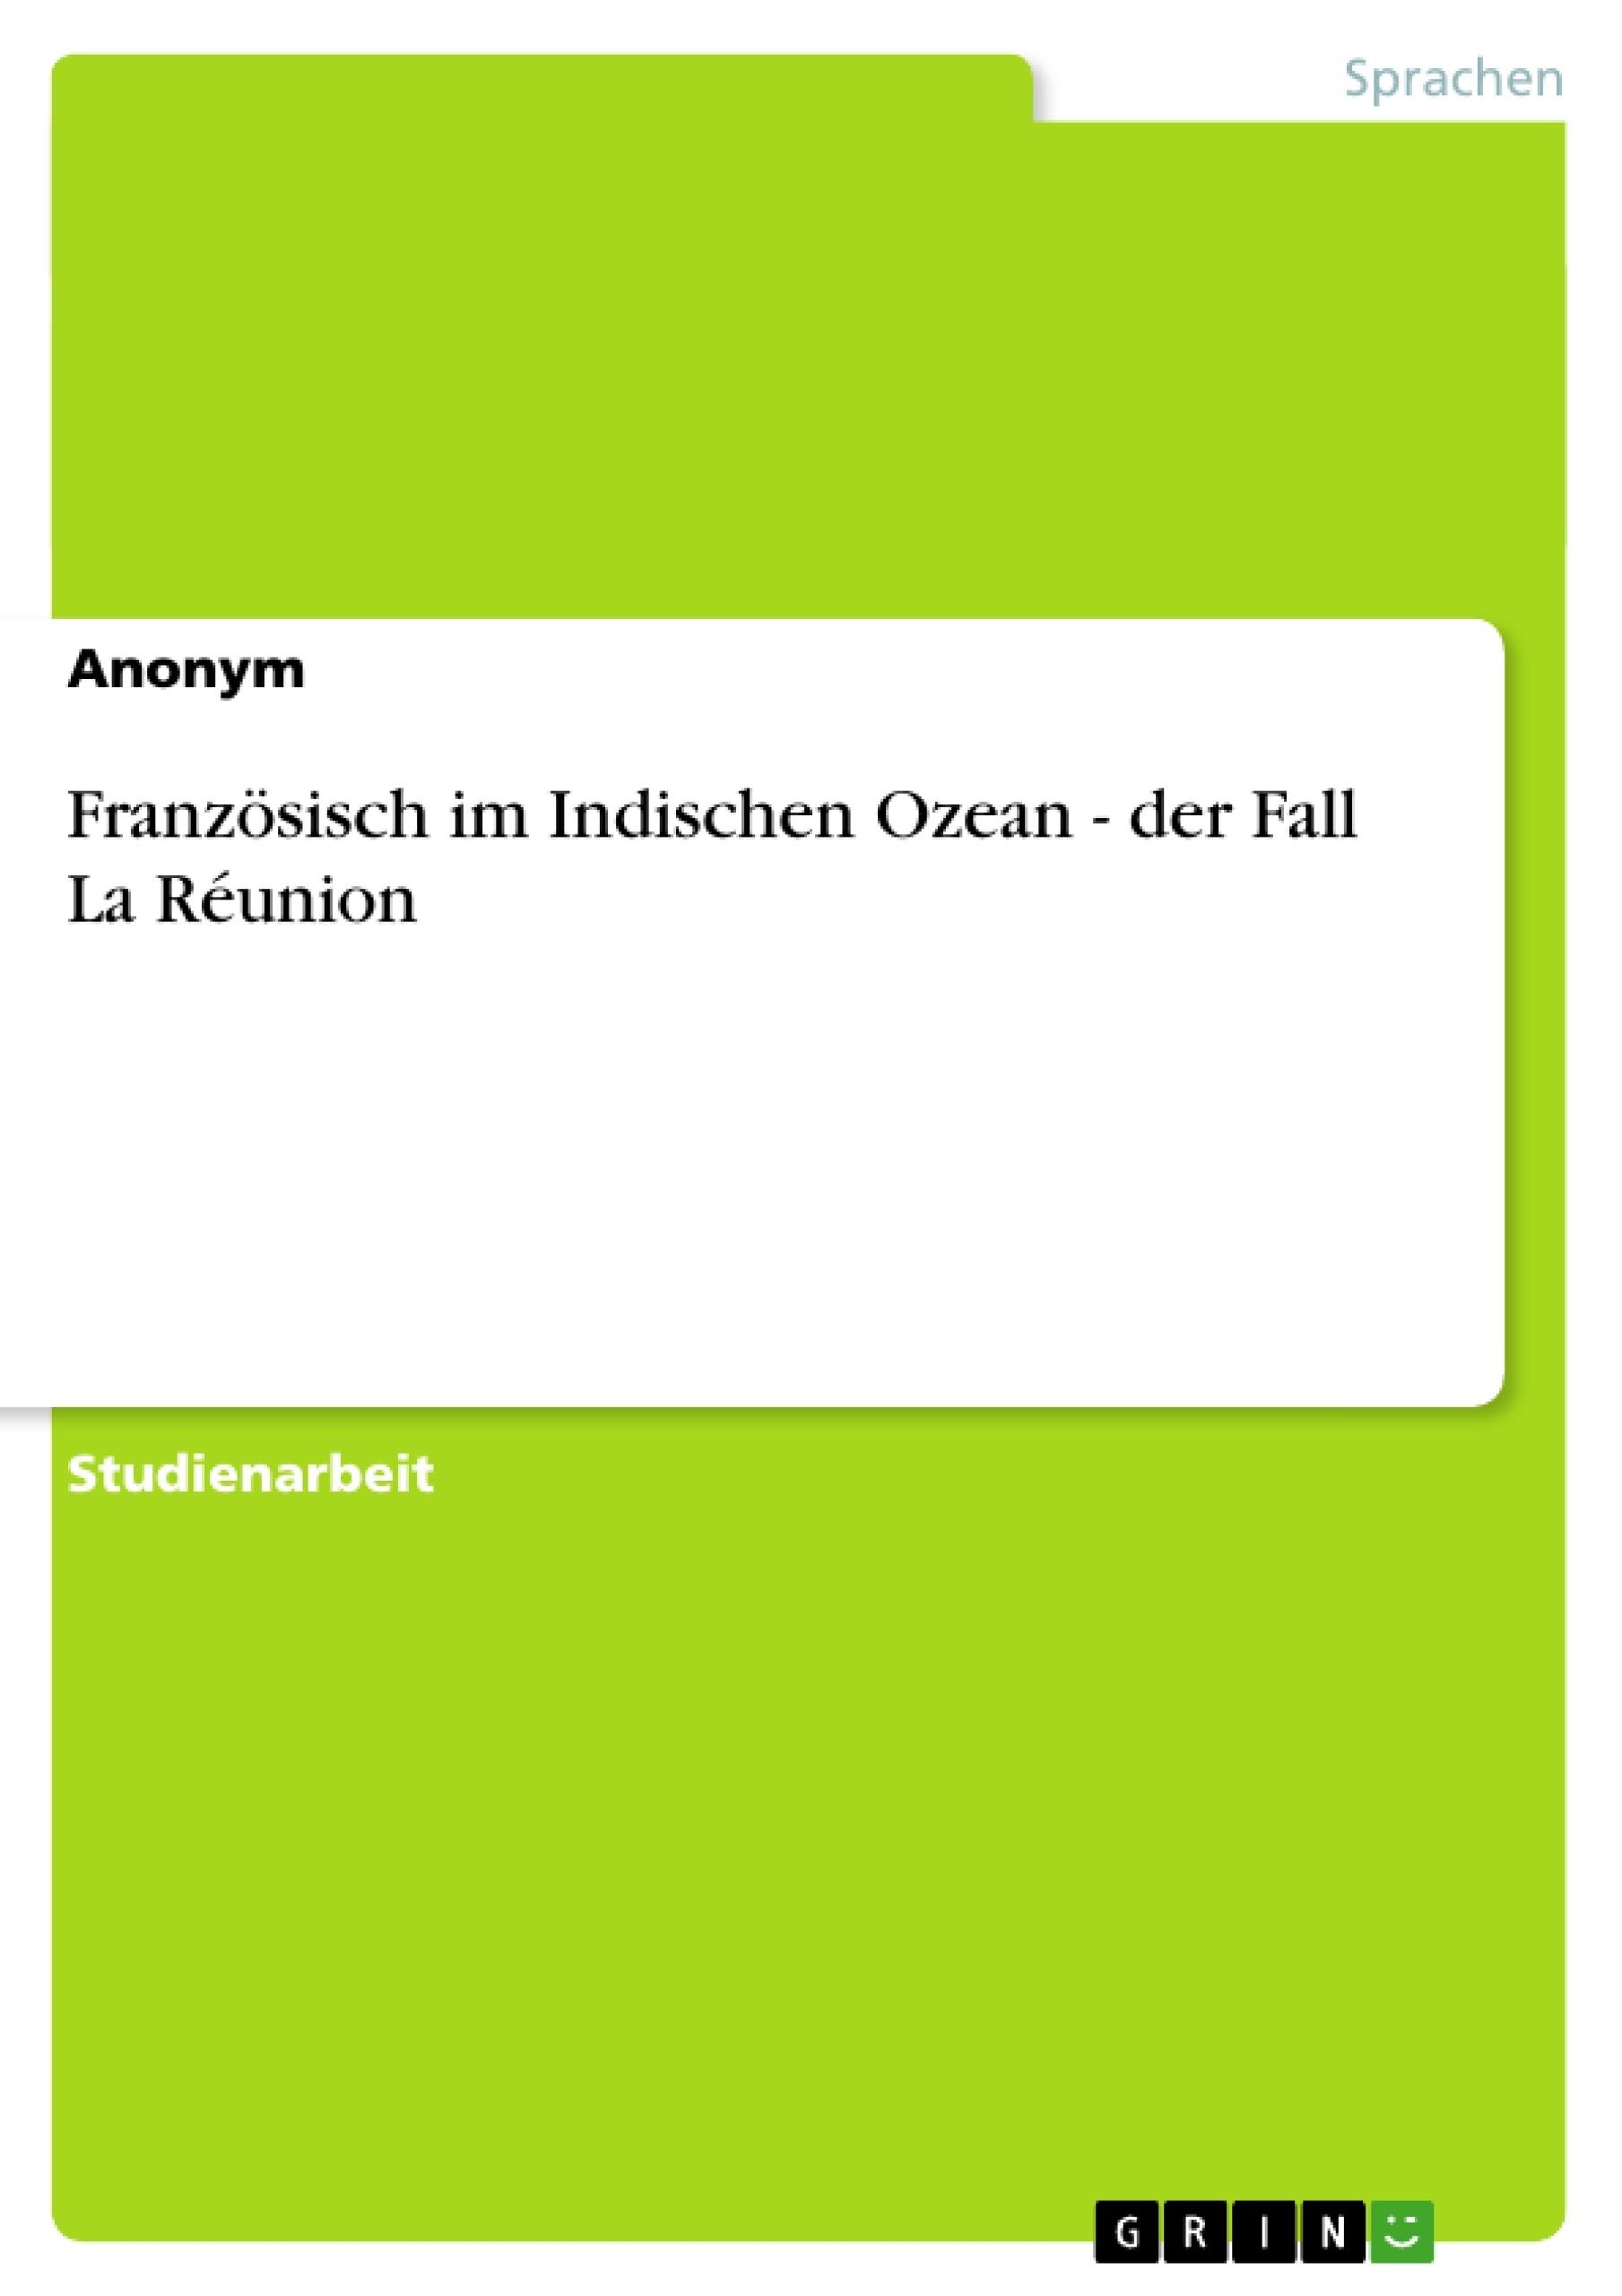 Titel: Französisch im Indischen Ozean - der Fall La Réunion